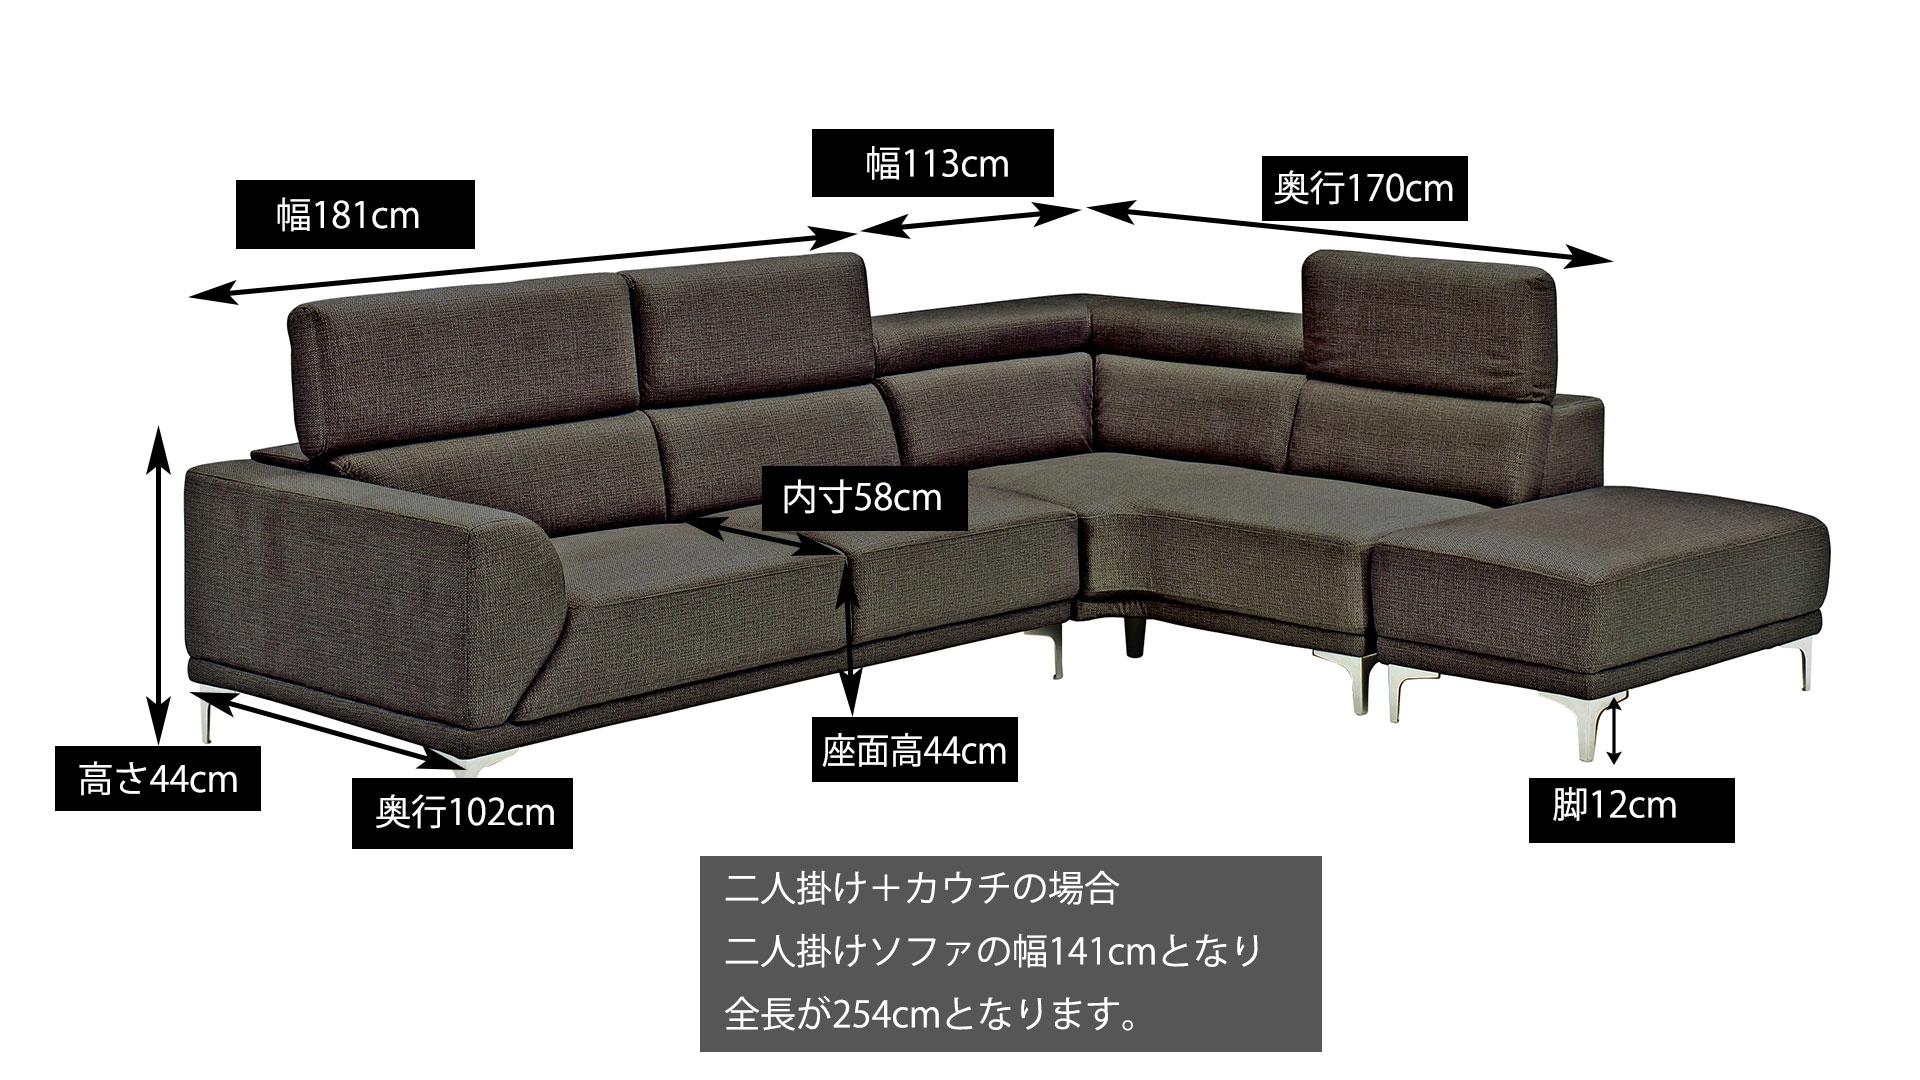 リビンズのコーナーカウチソファ「ステアーノ」のソファサイズの画像